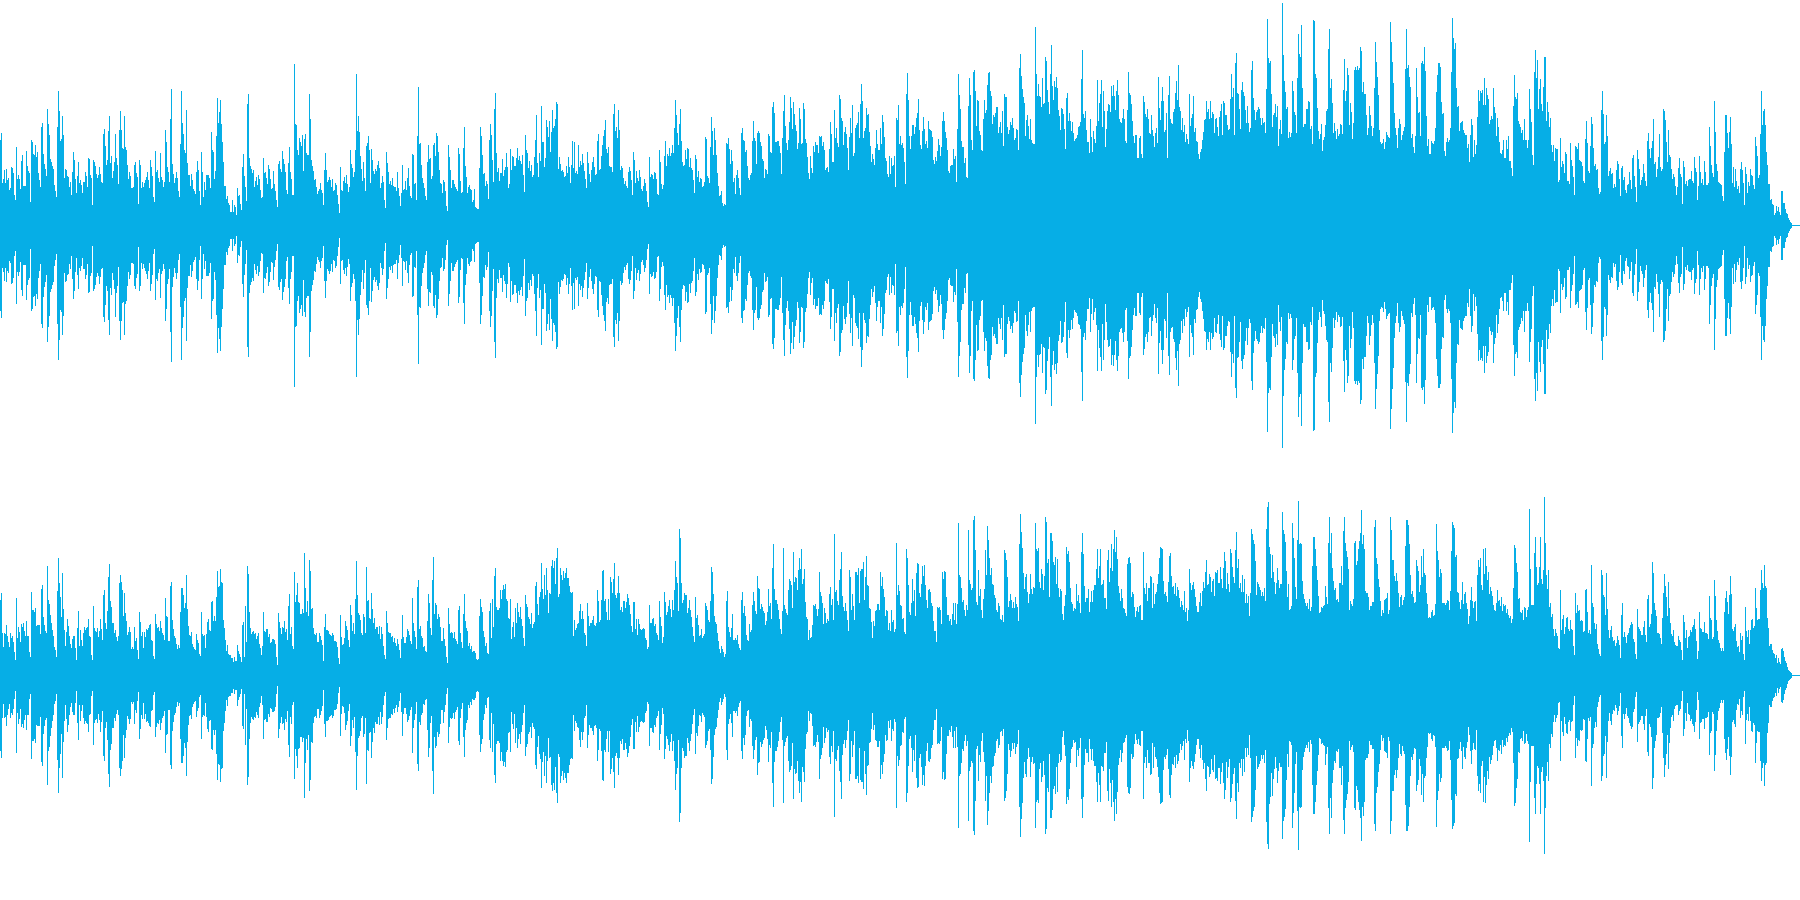 異国/教会/幻想的/チェンバロの再生済みの波形